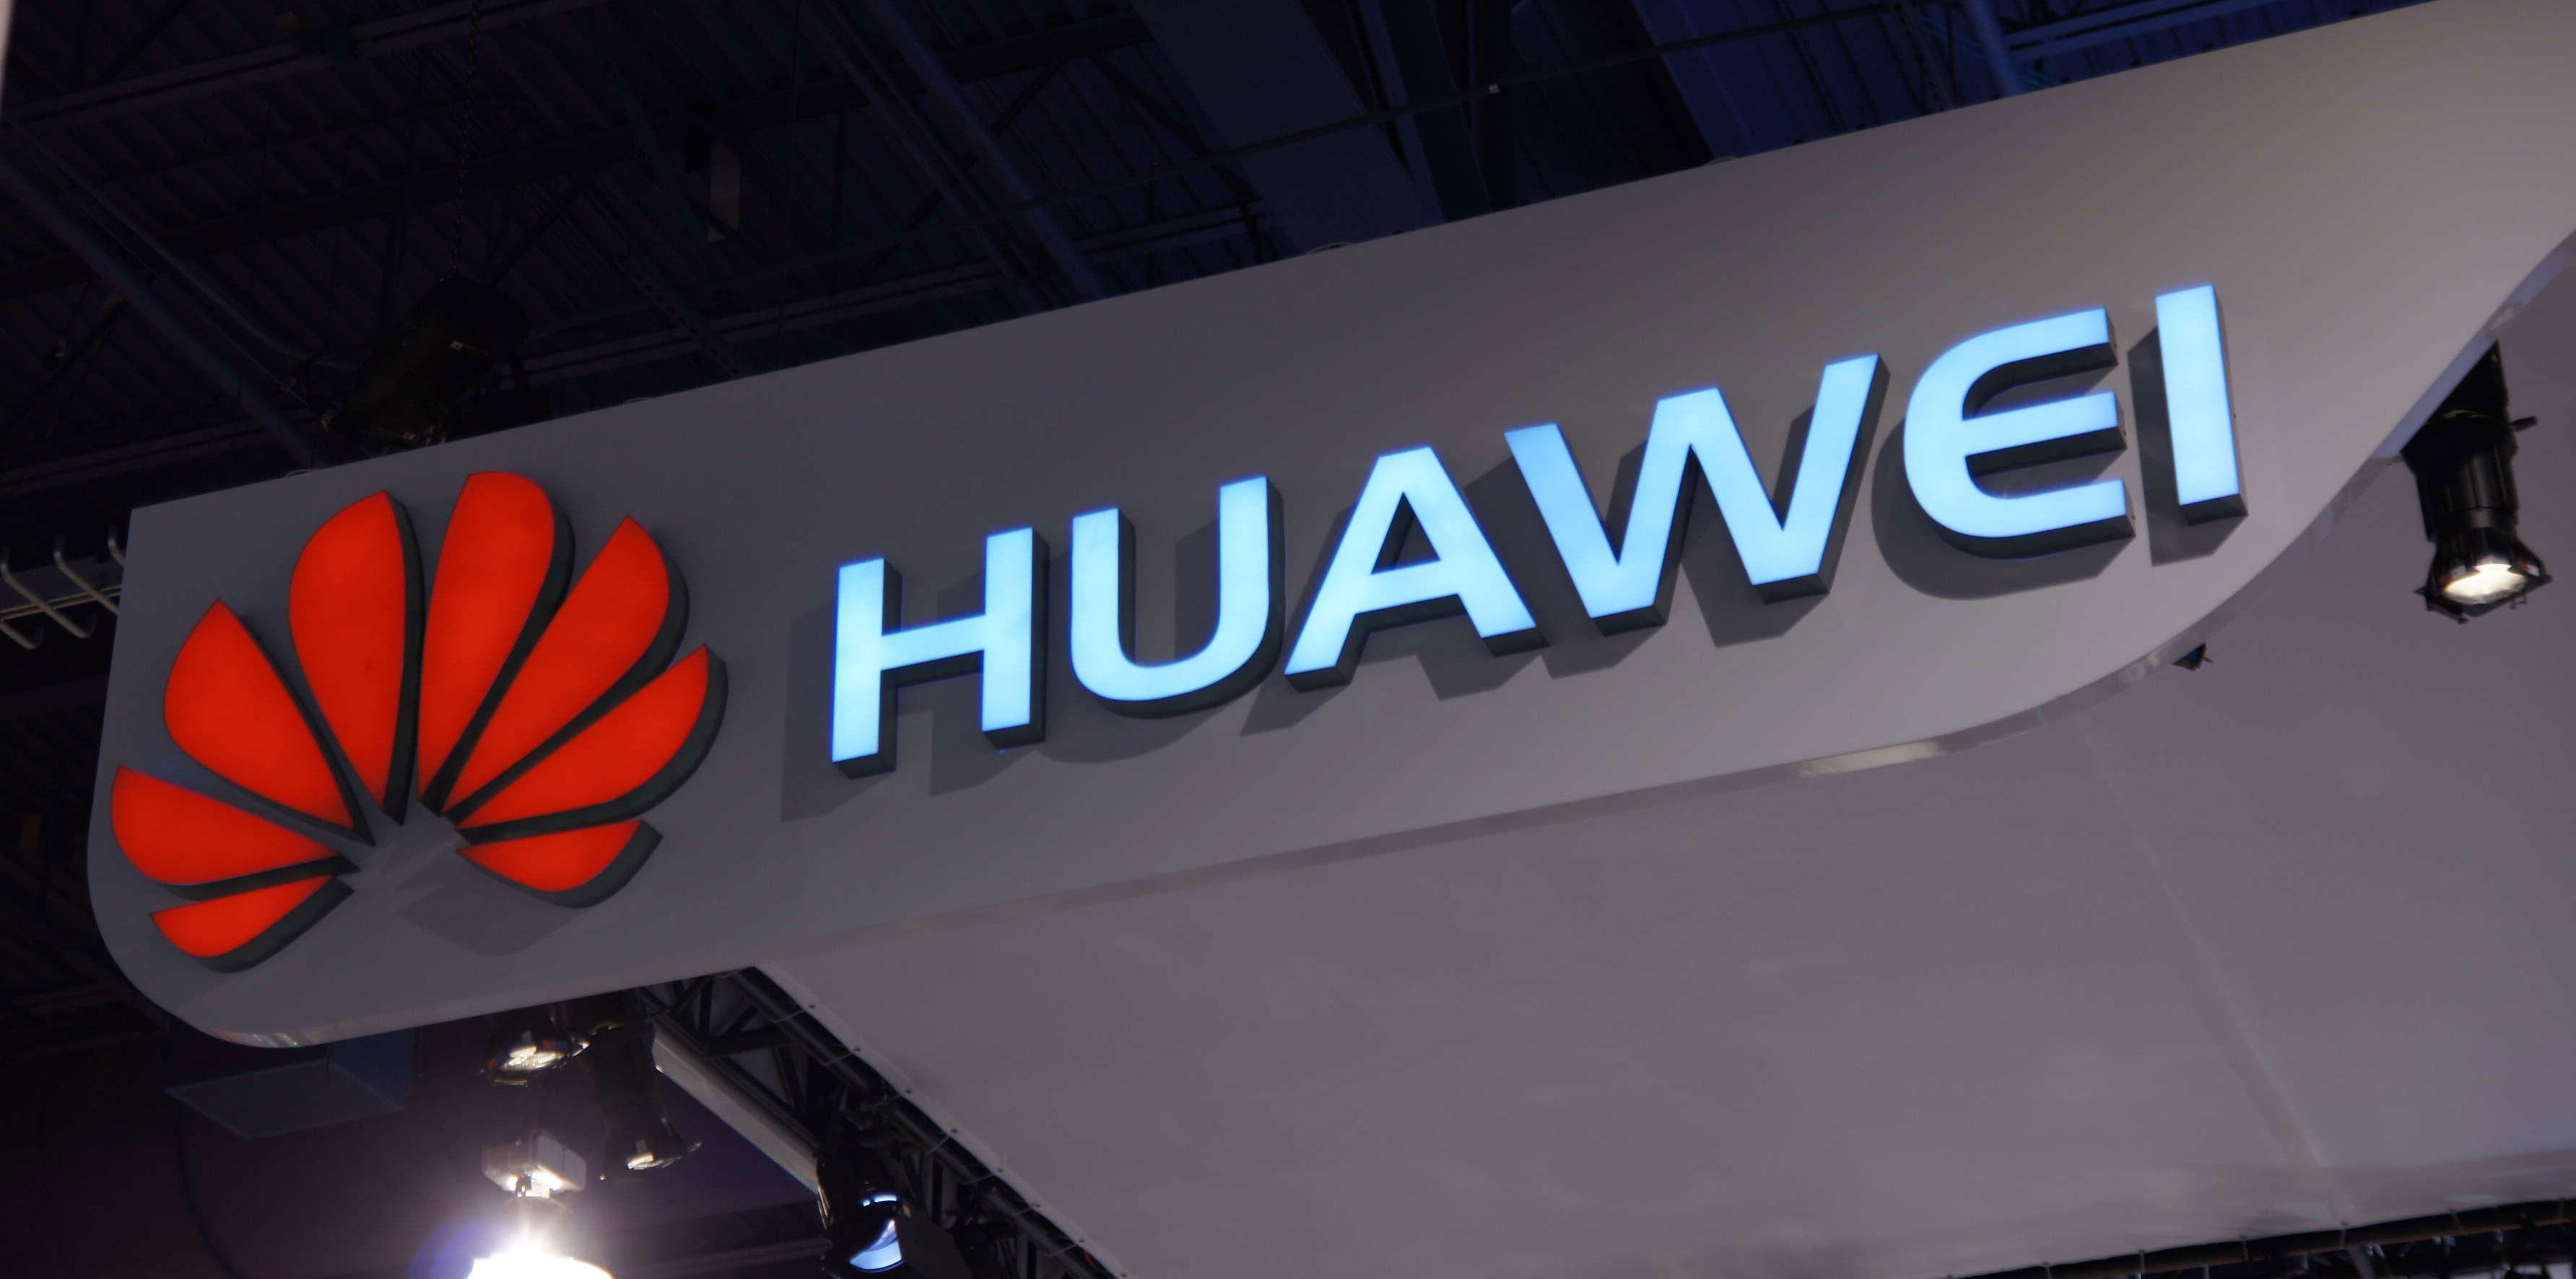 أمريكا قد تقلص بعضًا من القيود المفروضة على شركة هواوي الصينية